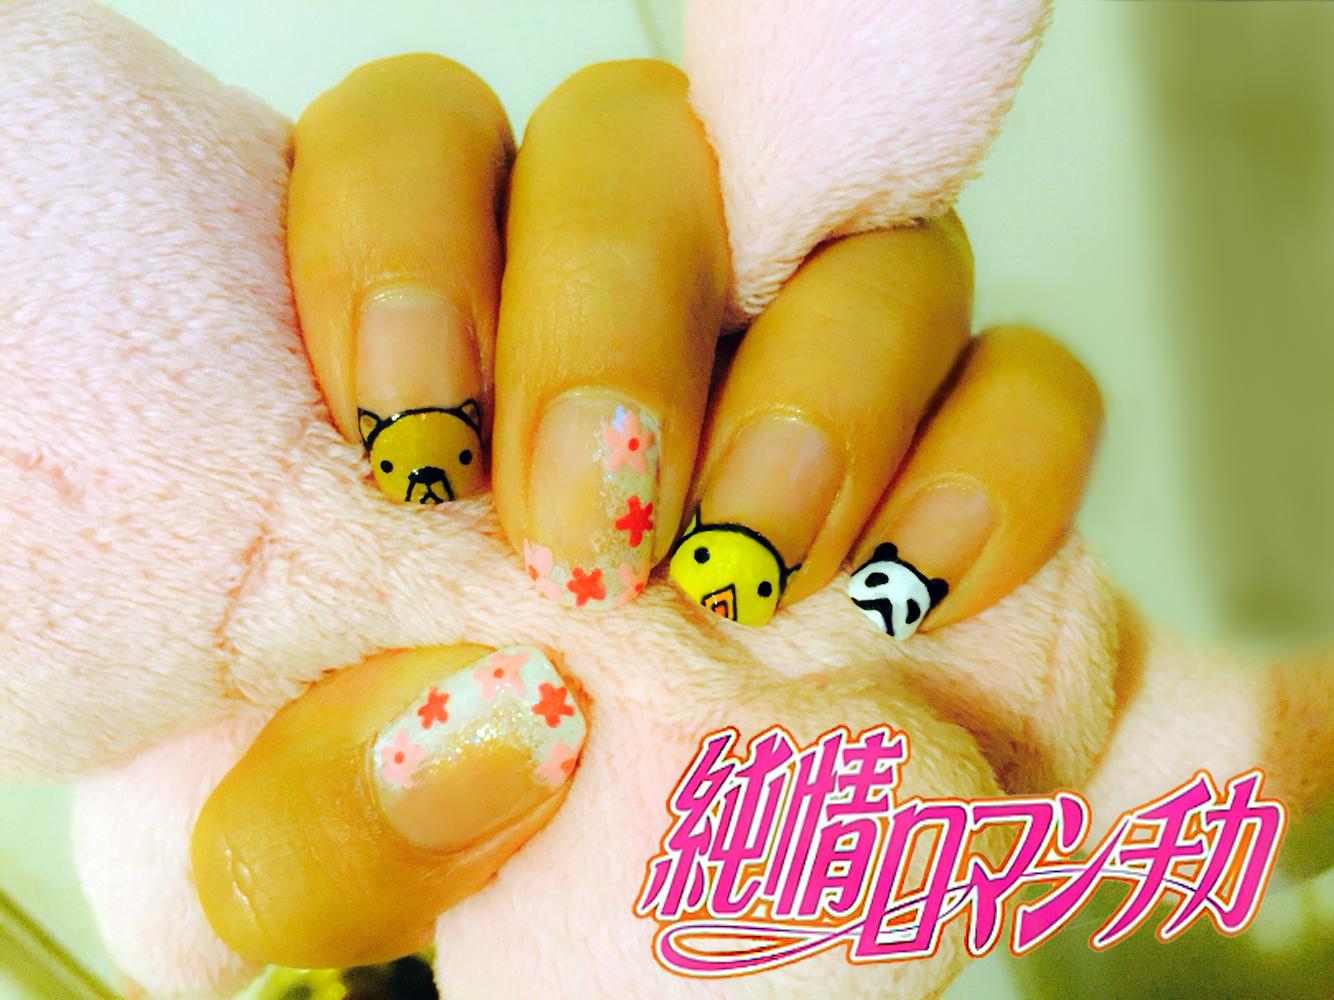 Junjou Romantica anime nails | ❤️anime❤ | Pinterest | Anime nails